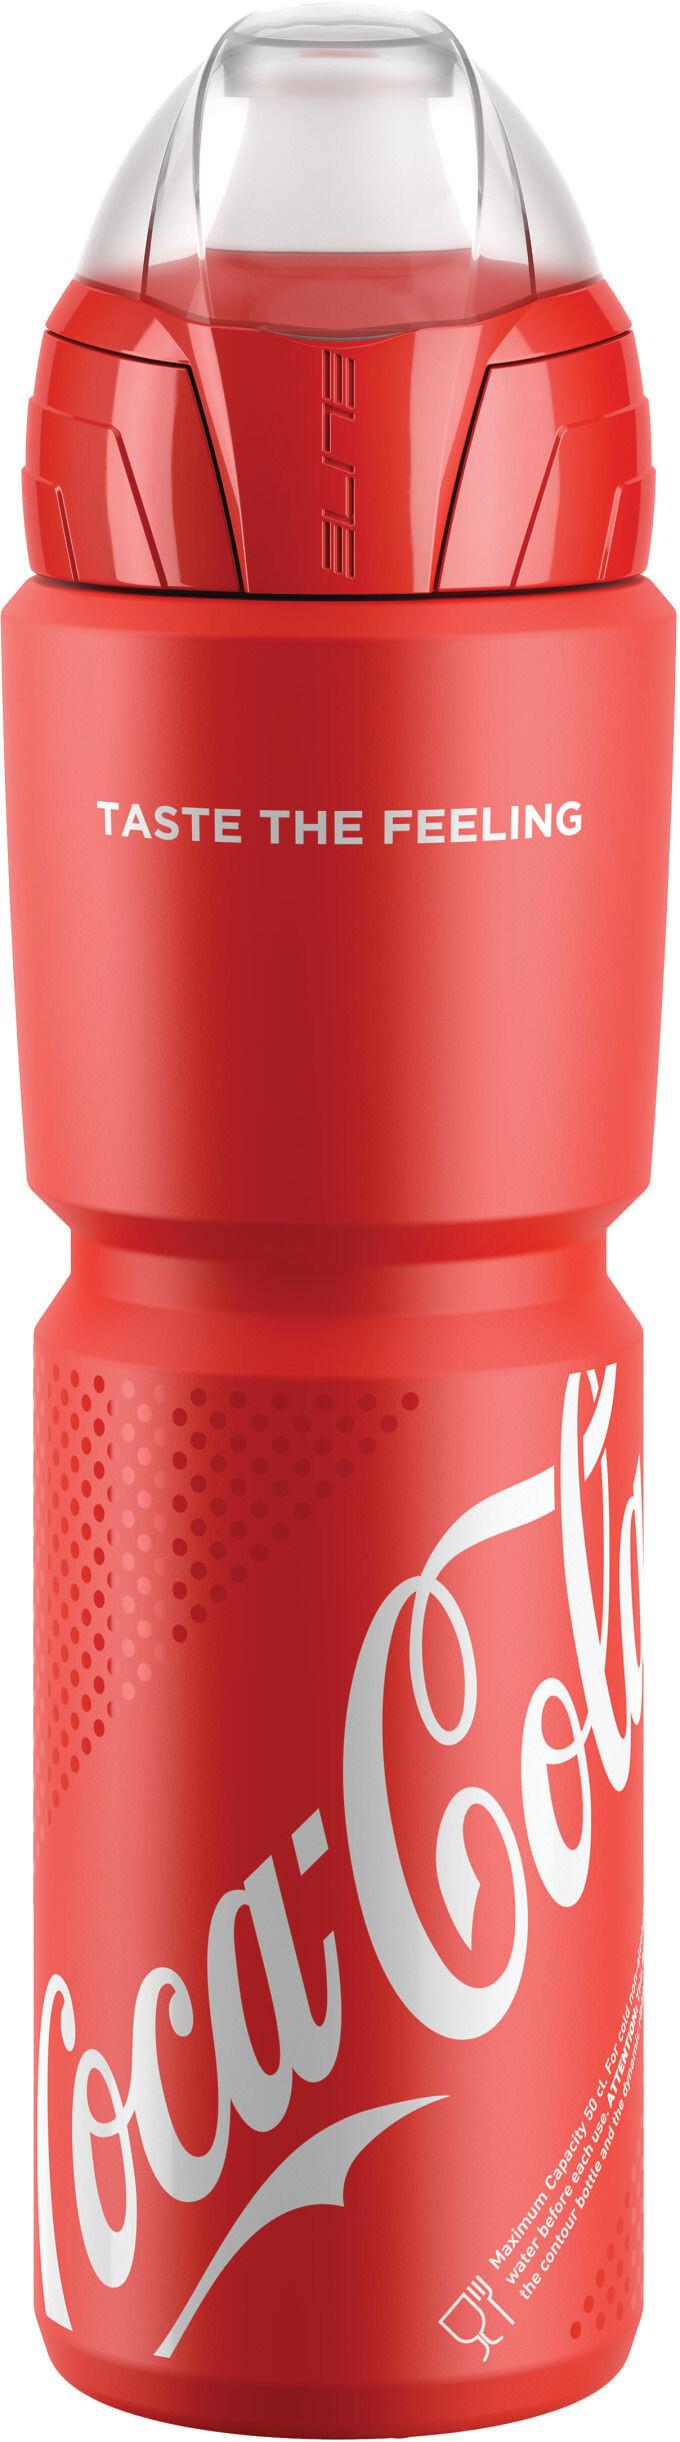 elite ombra trinkflasche 950ml coca cola rot g nstig kaufen br gelmann. Black Bedroom Furniture Sets. Home Design Ideas